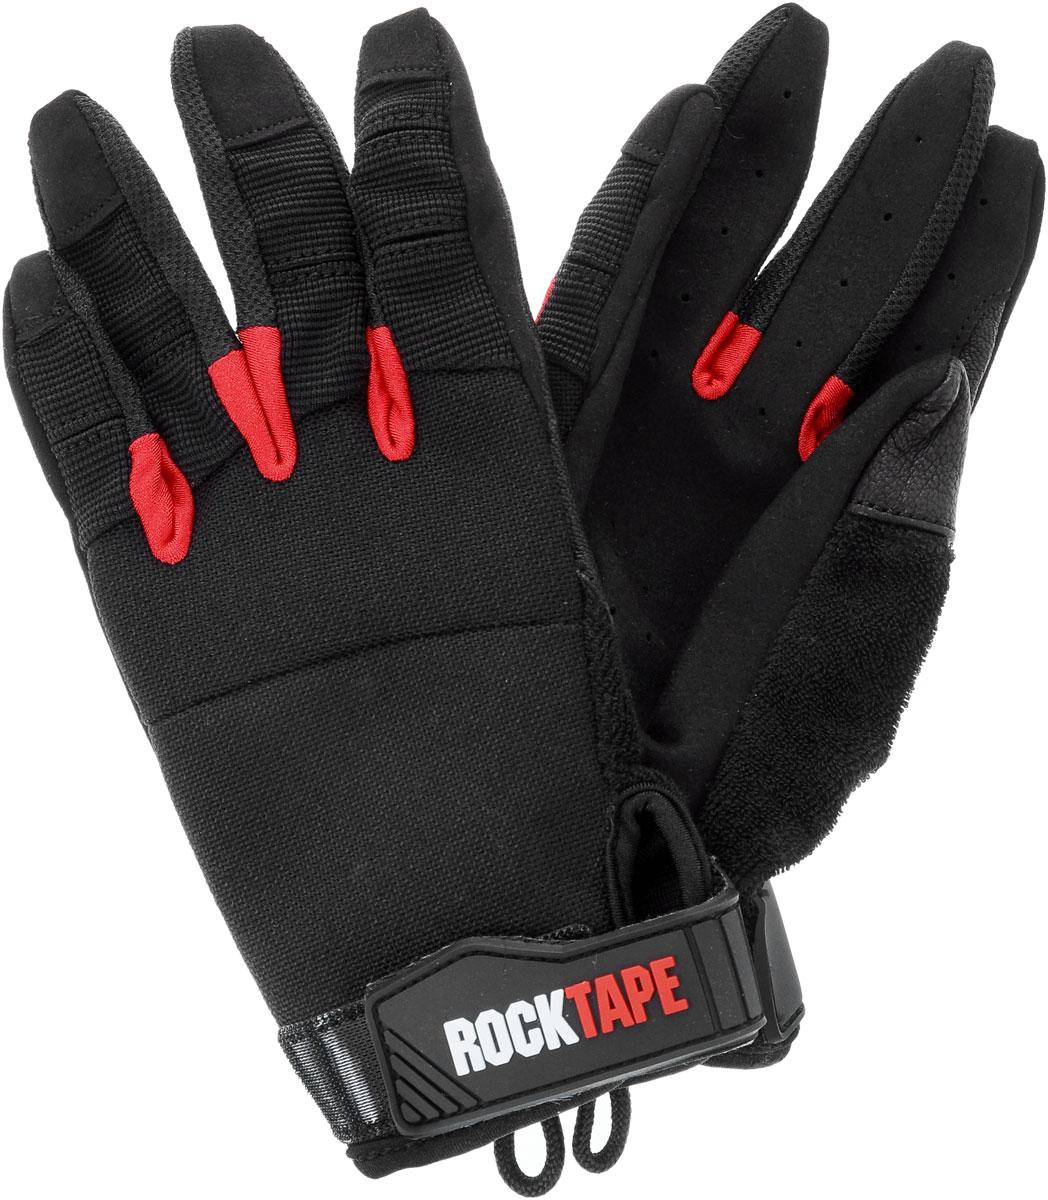 Перчатки Rocktape Talons, цвет: черный, красный. Размер XLCHVAL12Rocktape Talons - это функциональные перчатки для спорта. Руль велосипеда, турник, штанга - за что бы вы ни взялись, перчатки обеспечат максимальную защиту и поддержку! Уверенный хват и больше никаких стертых рук, волдырей и мозолей!Особенности перчаток:Дружелюбны к сенсорным экранам.Без швов на ладонях.Силиконовая накладка false-grip поможет в выходах силой.Защита большого пальца при захвате штанги.Впитывают пот.Дышащий материал по боковым поверхностям пальцев.Удобные петли.Рассчитаны на работу с мелом.Обхват ладони ниже костяшки: 25 см.